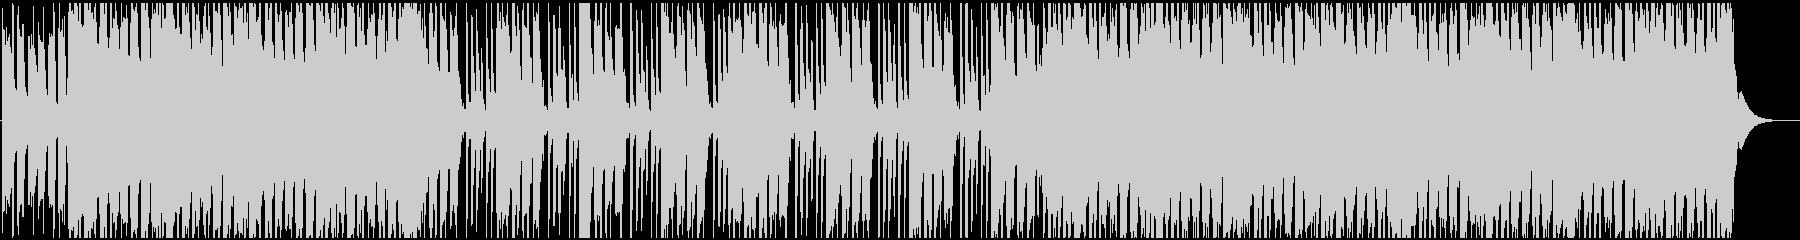 ポップロックなギターリフの未再生の波形